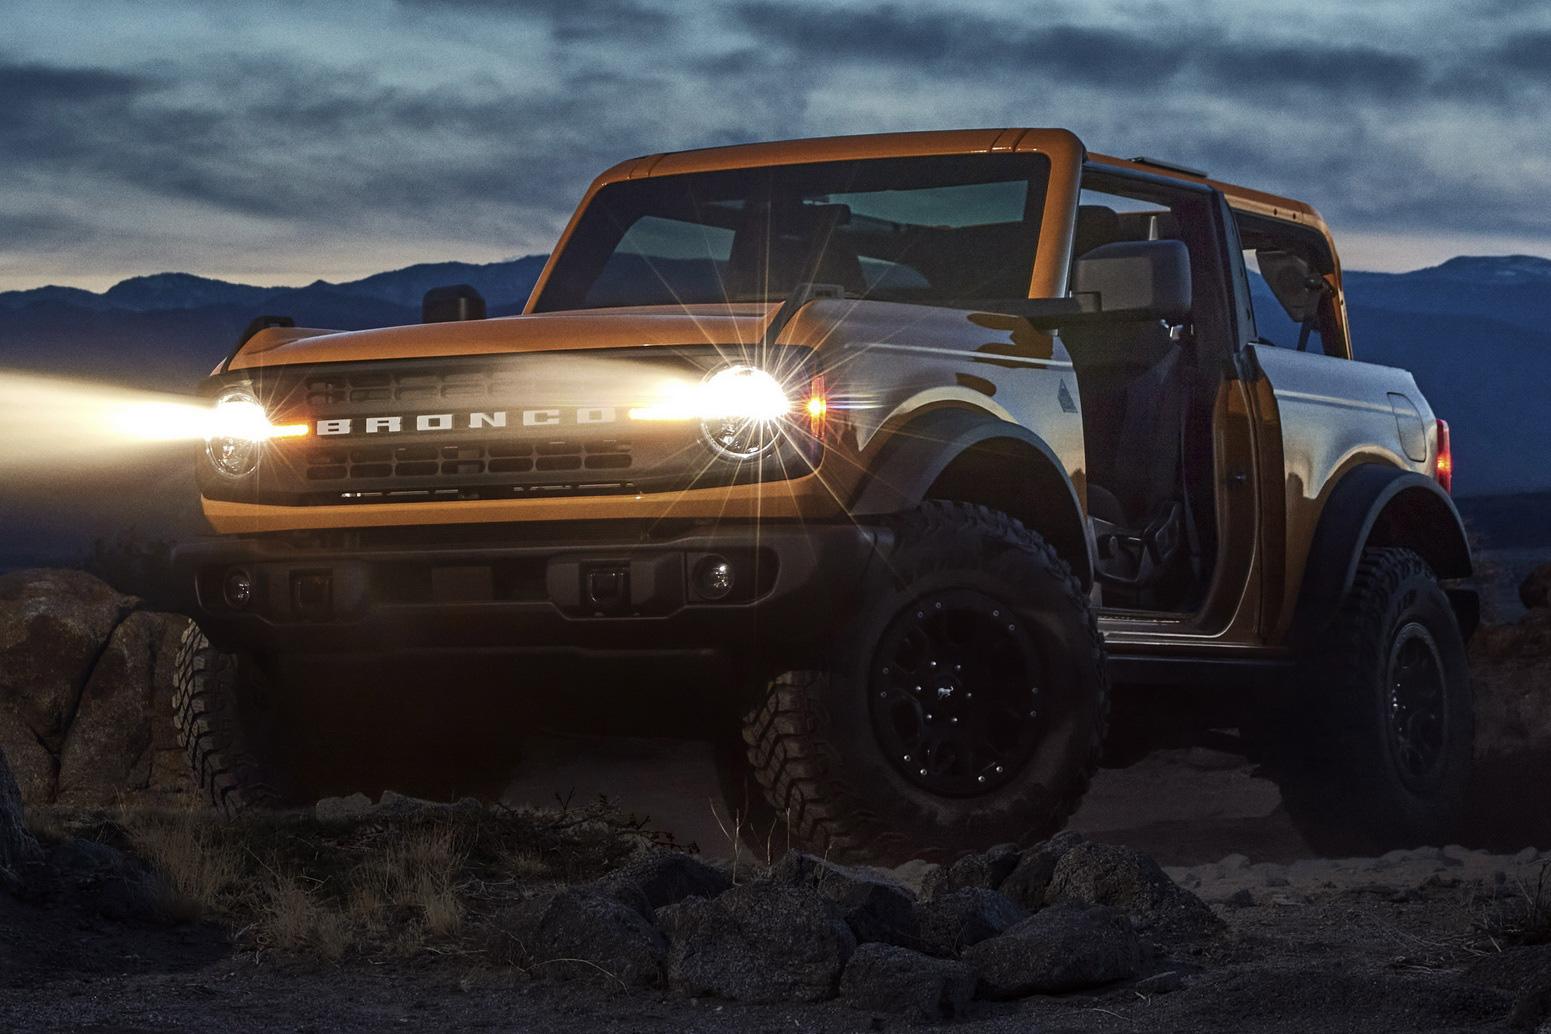 Ford Bronco chính thức chào sân: Trở lại để thống trị thị trường SUV off-road